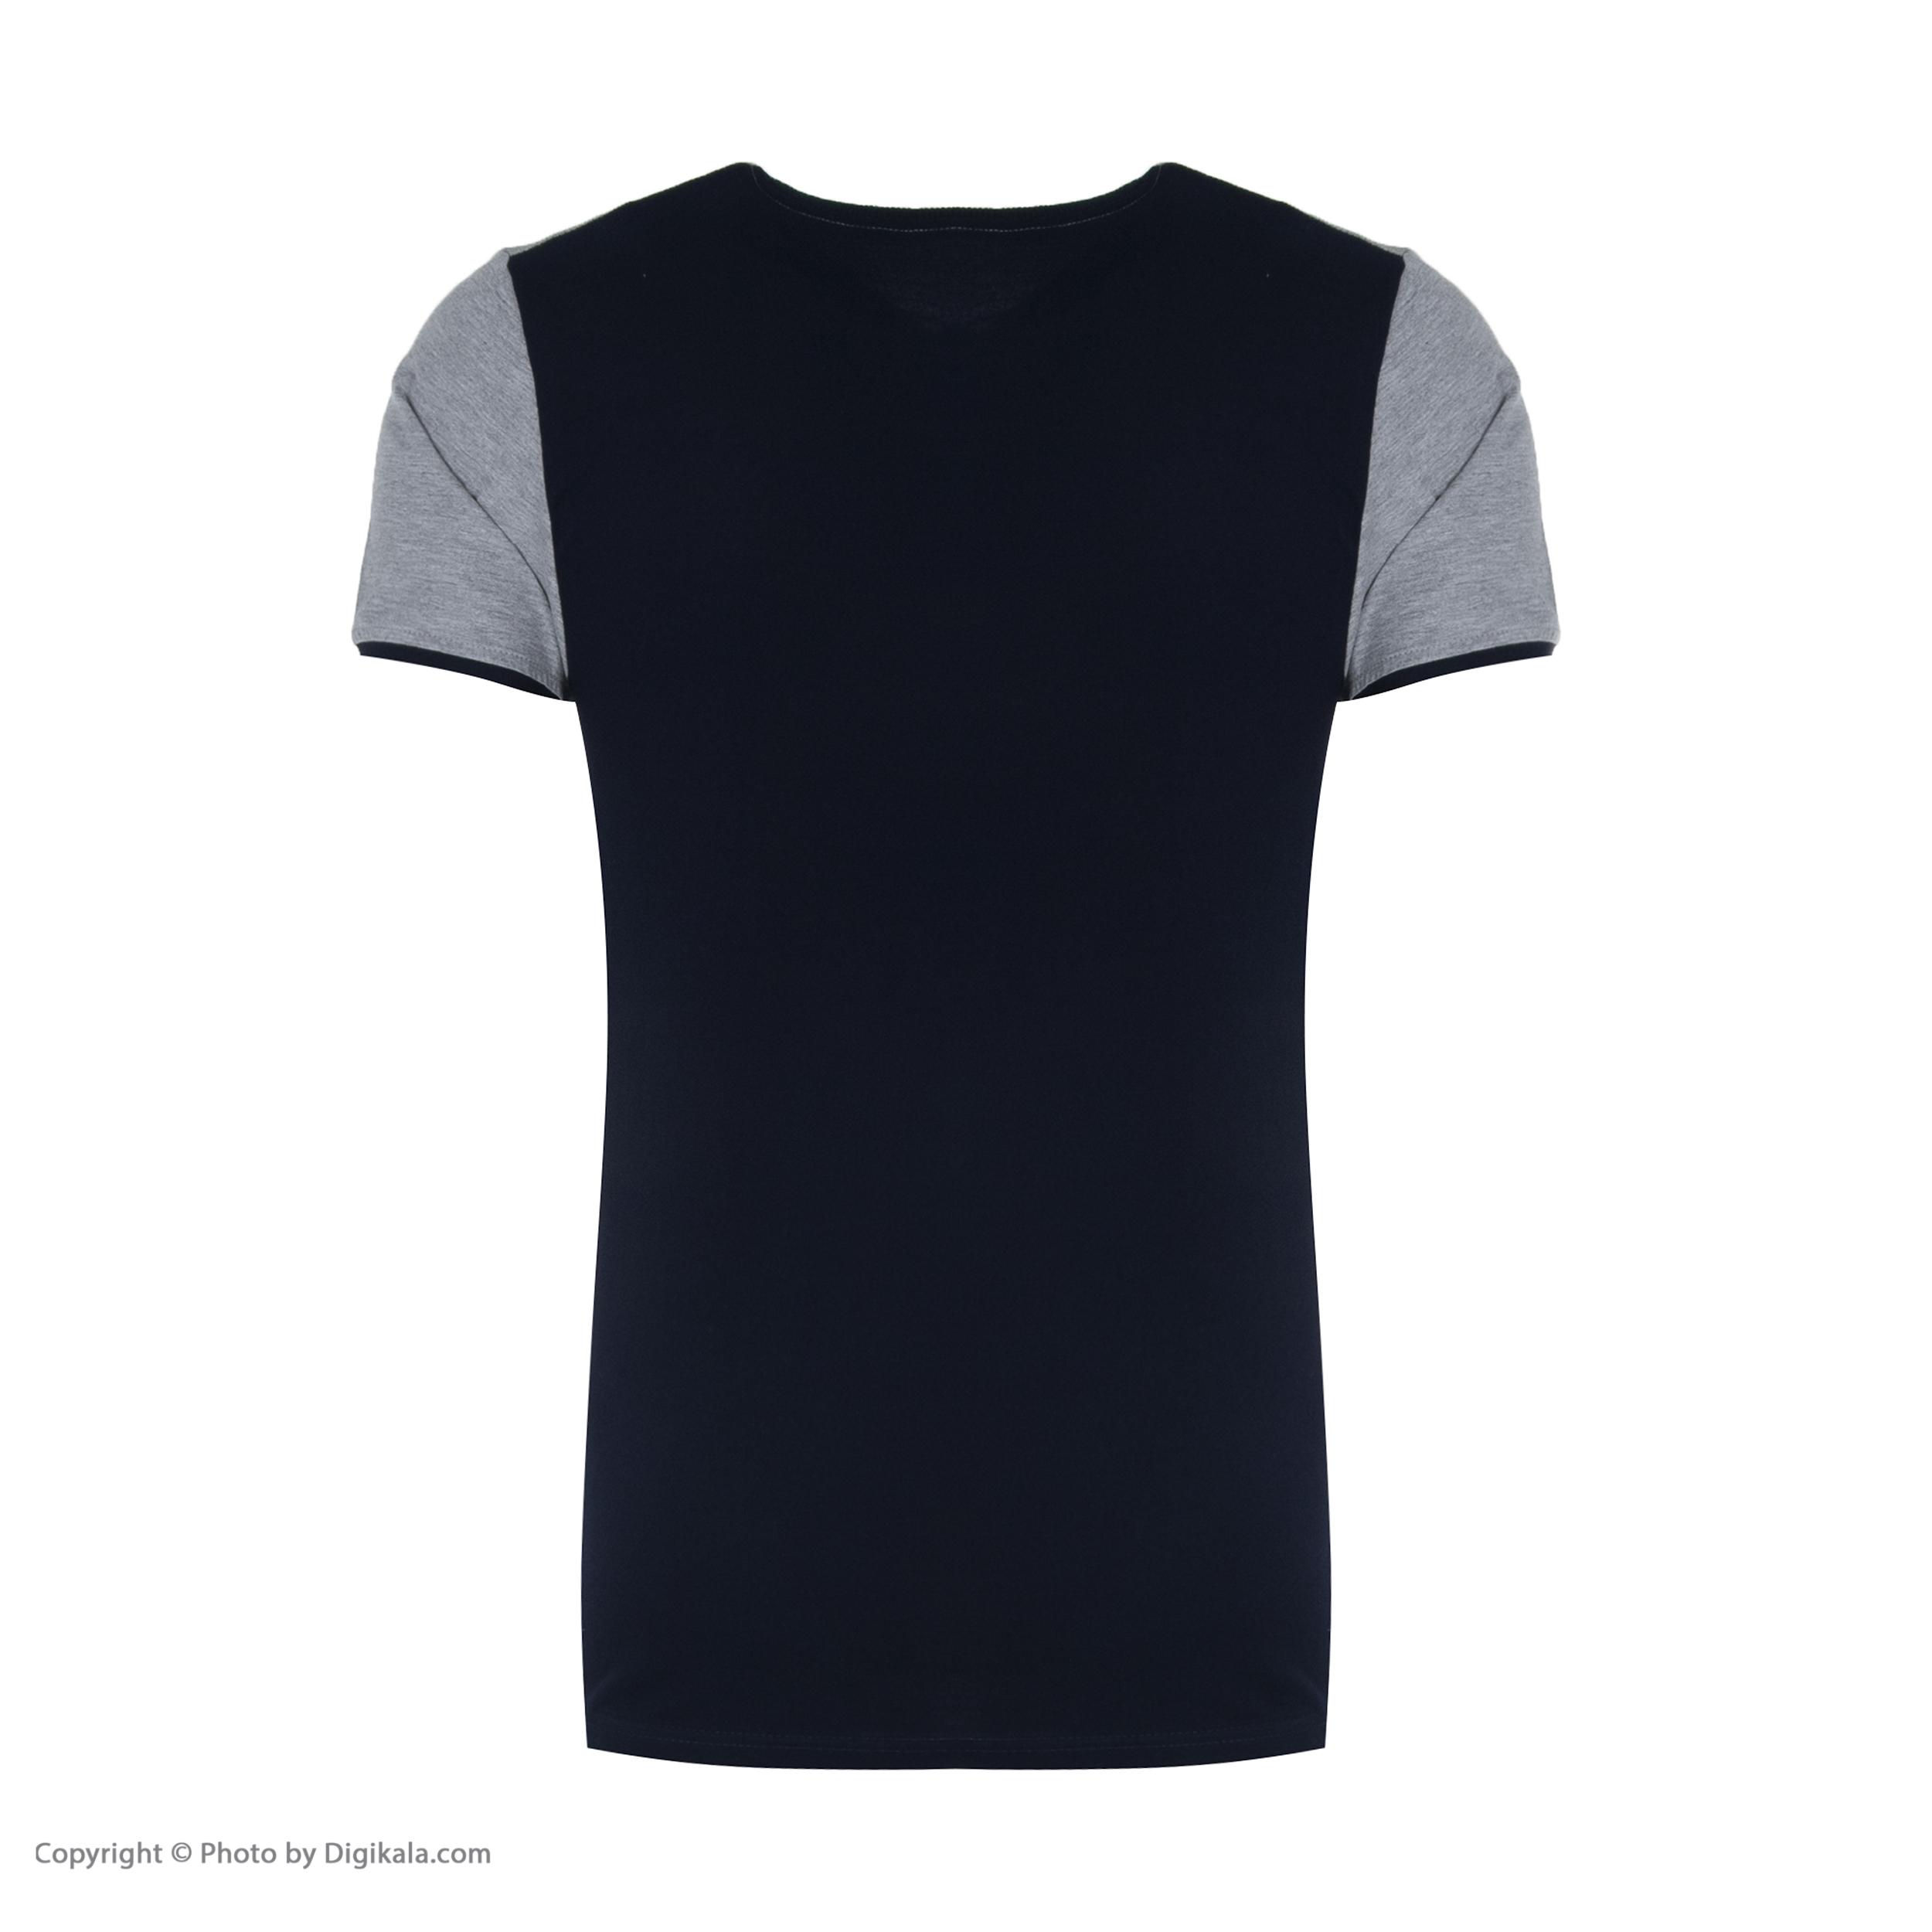 ست تی شرت و شلوار مردانه آسوده کد 0240 رنگ مشکی -  - 9